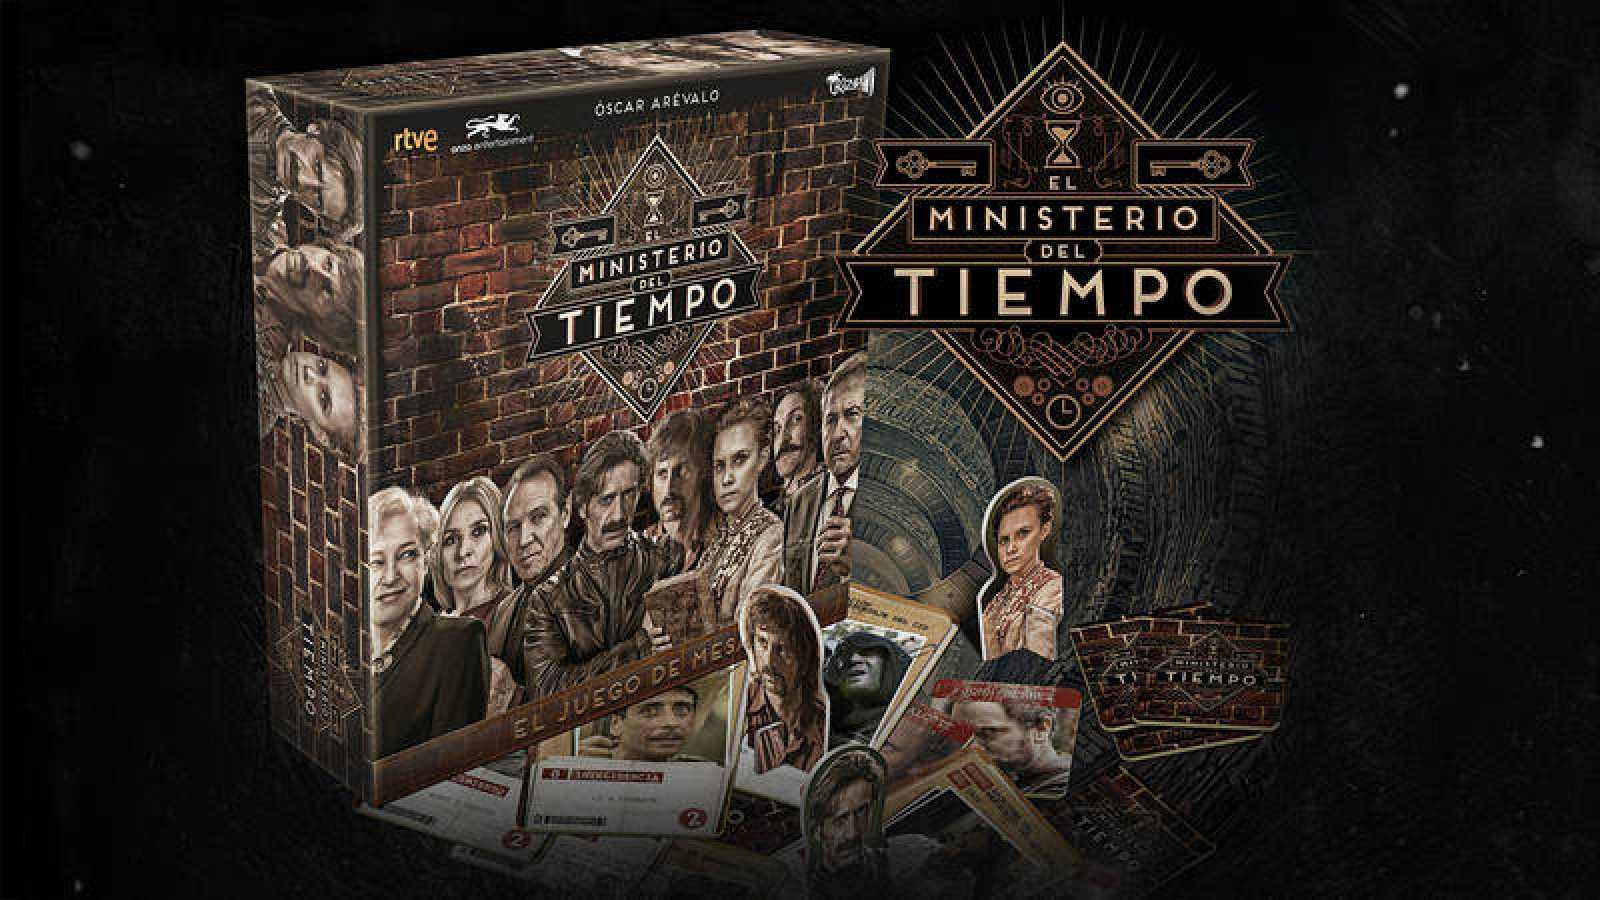 El Ministerio Del Tiempo Lanza El Juego De Mesa Oficial De La Serie